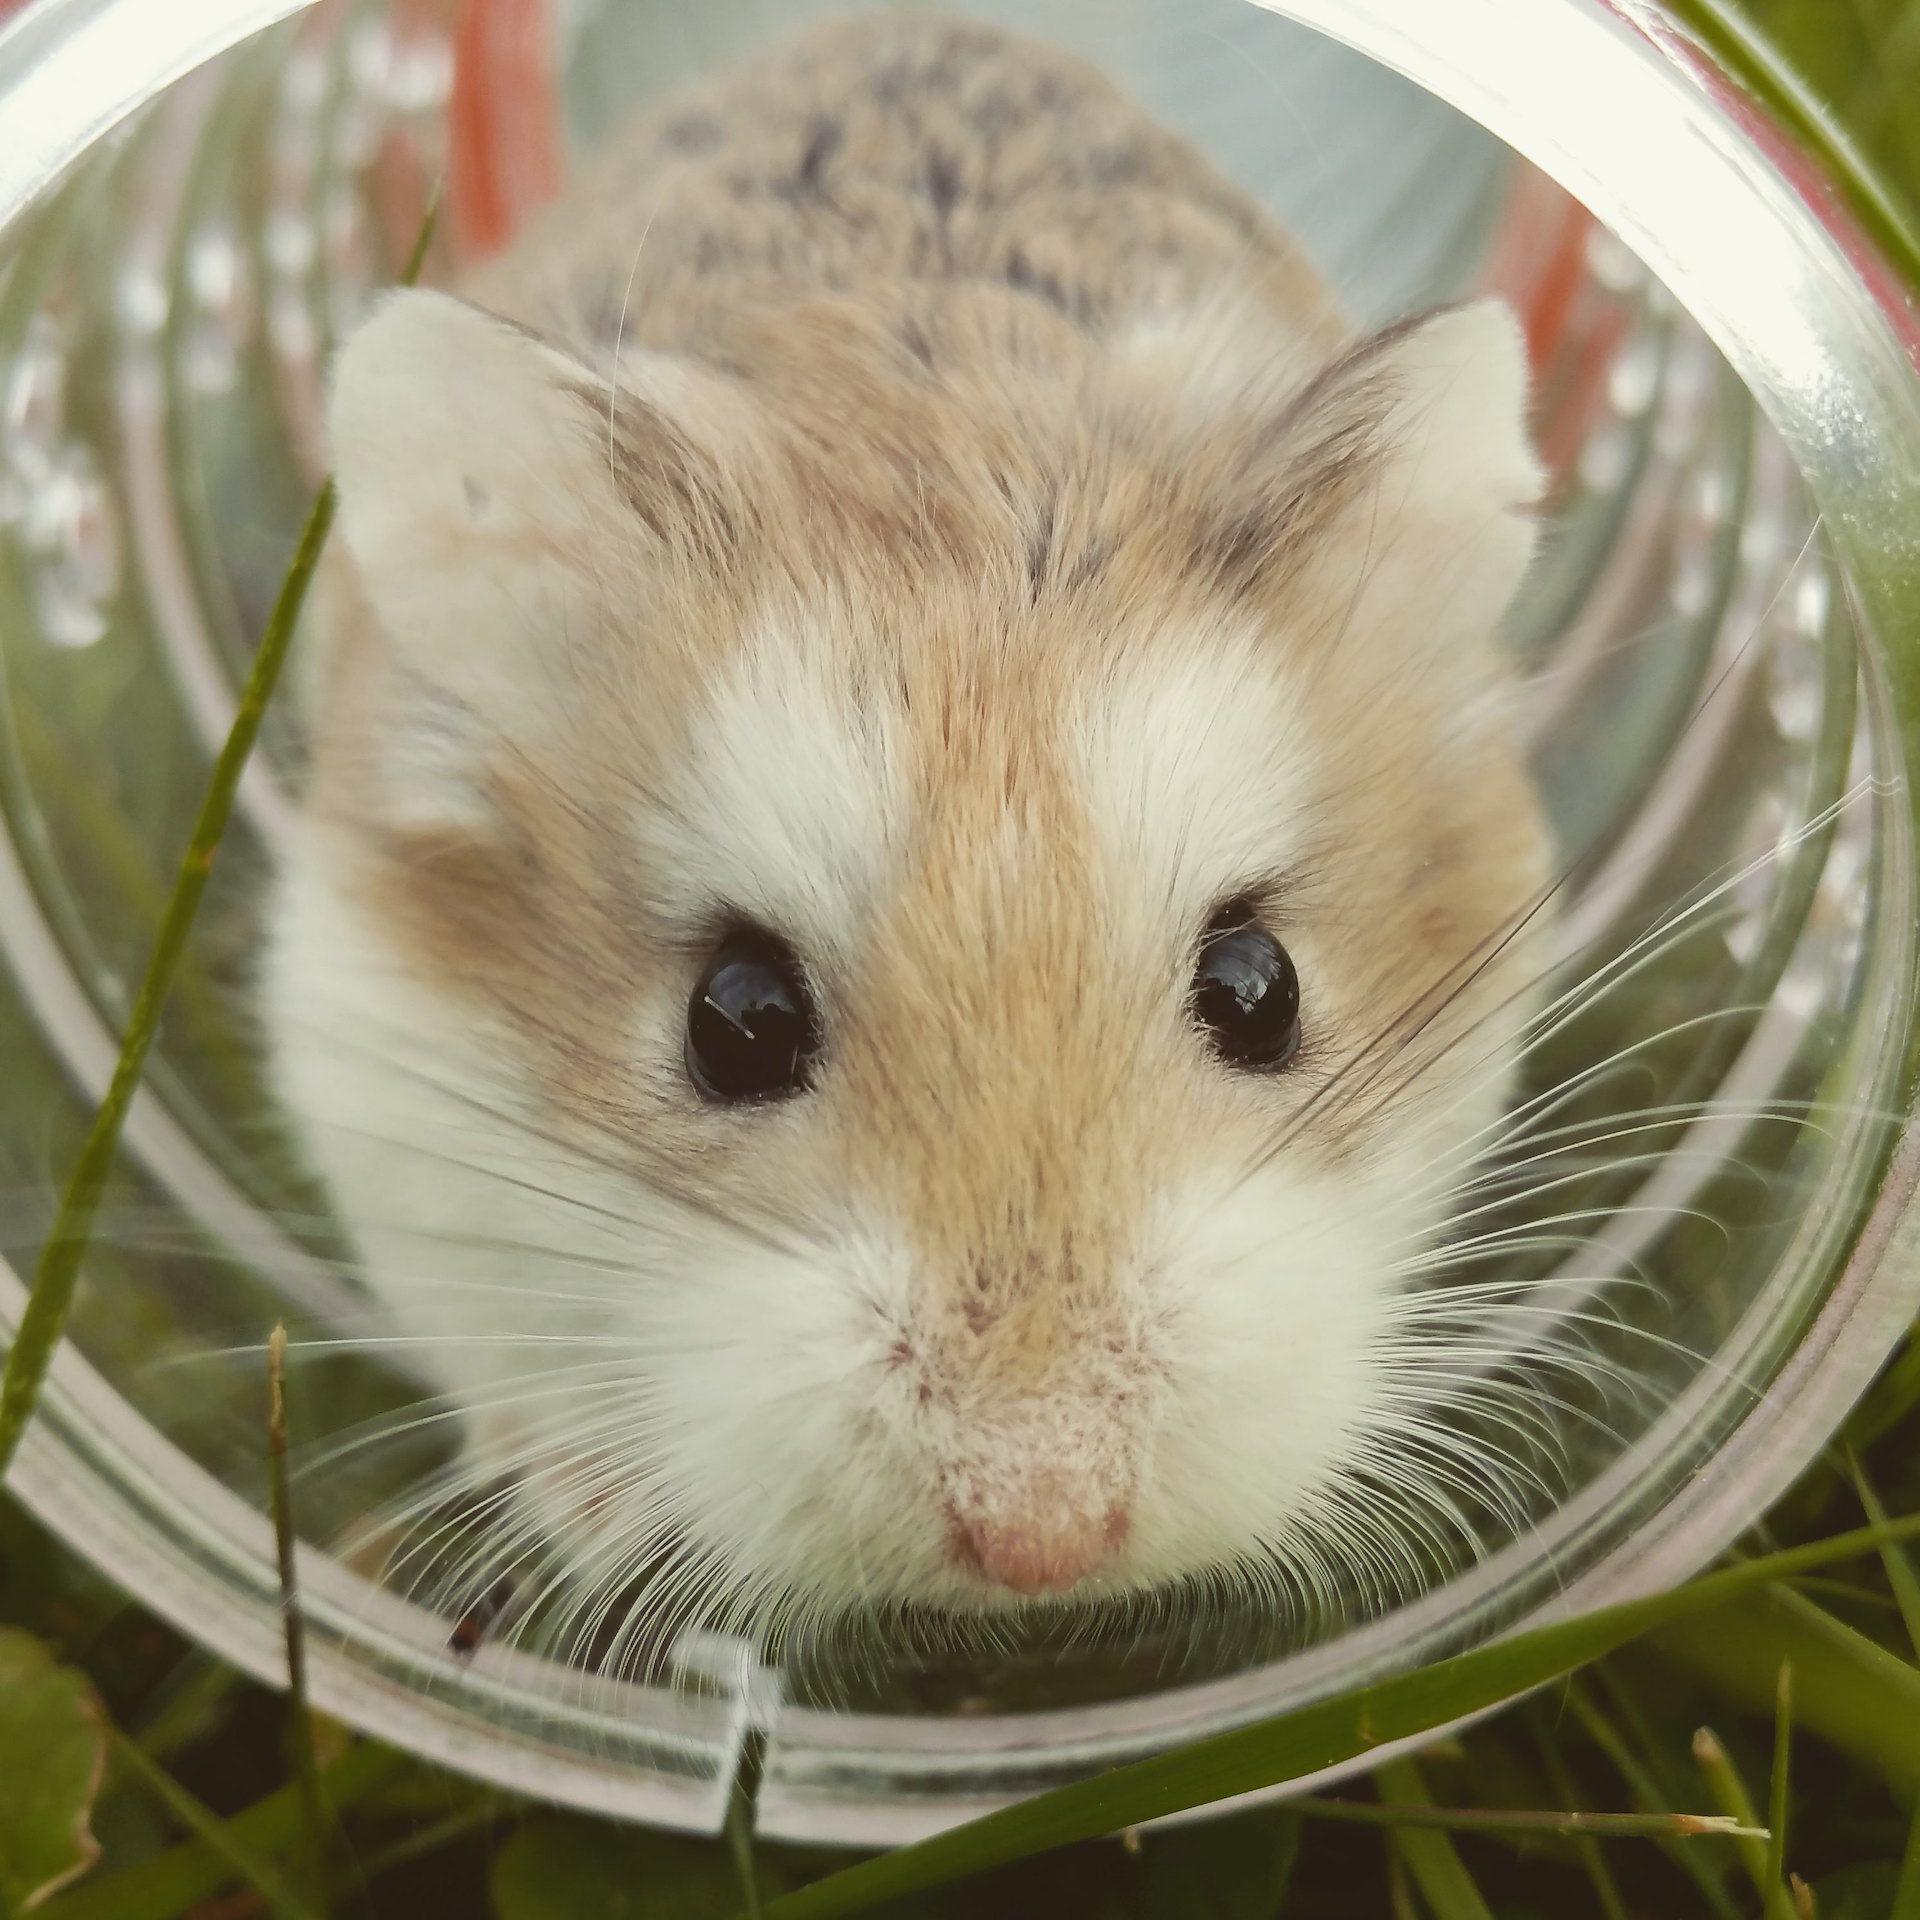 rato, campo, tubo, Animal de estimação, roedor - Papéis de parede HD - Professor-falken.com